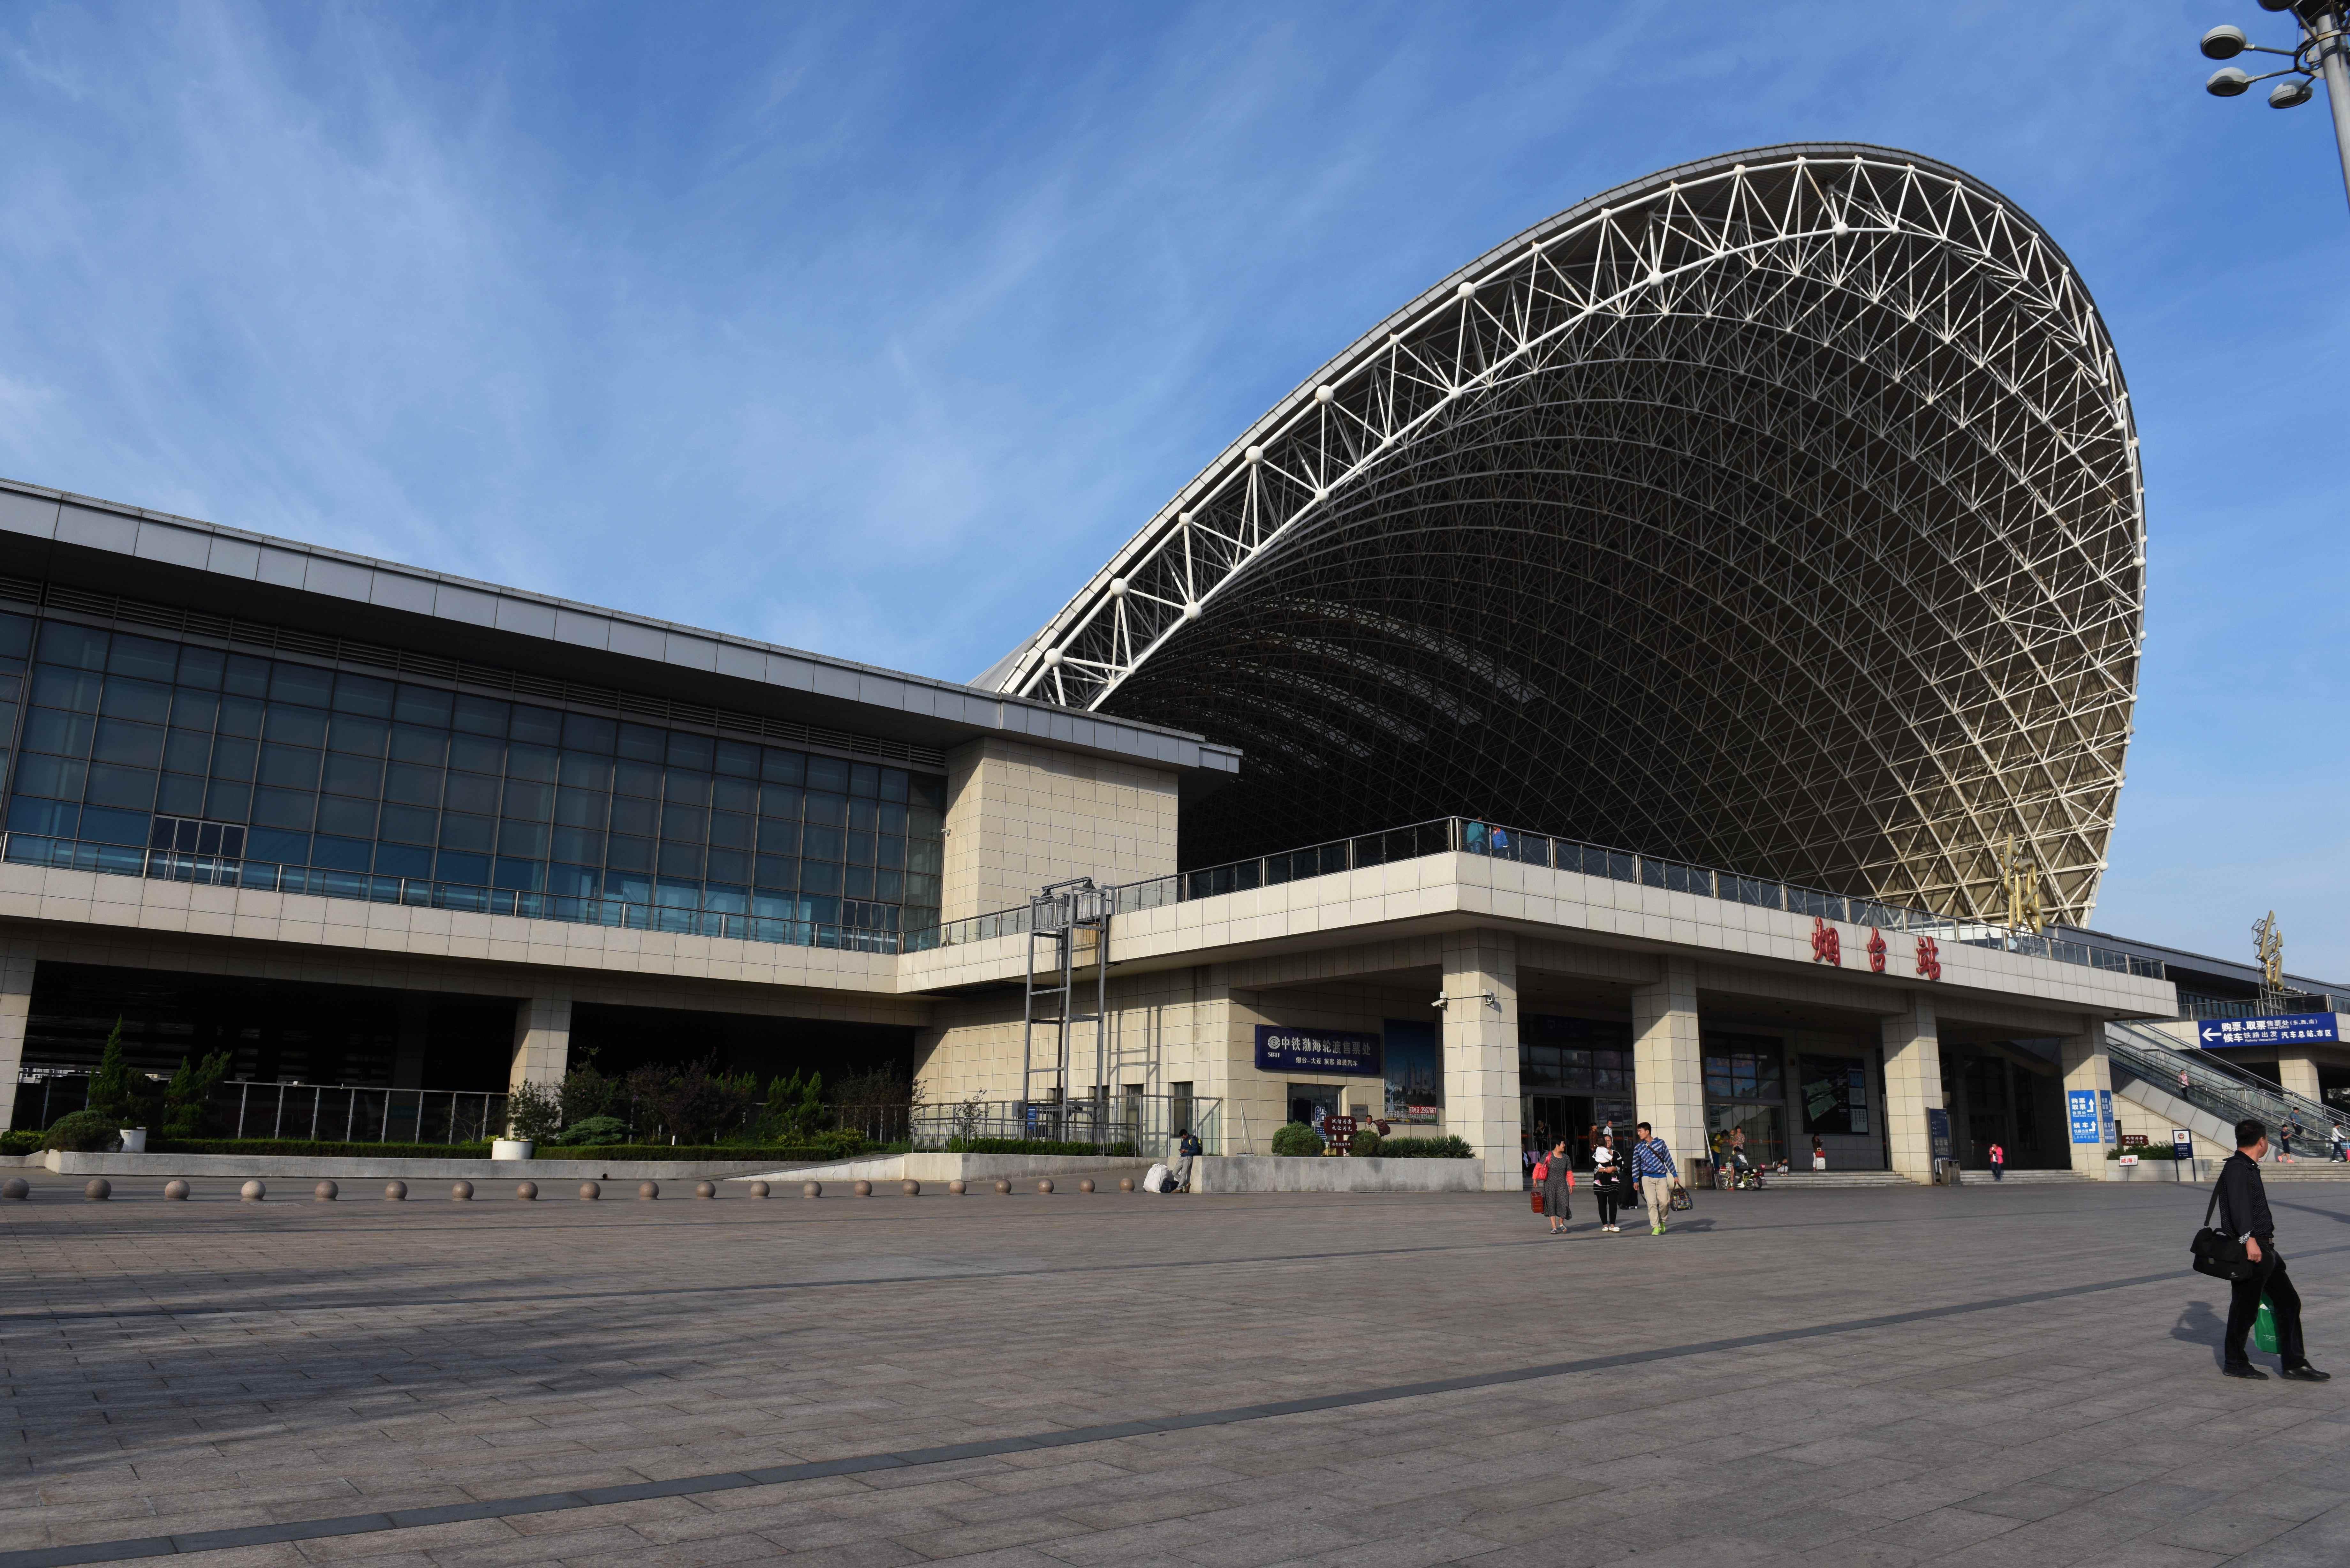 北京 蓬莱飞机场